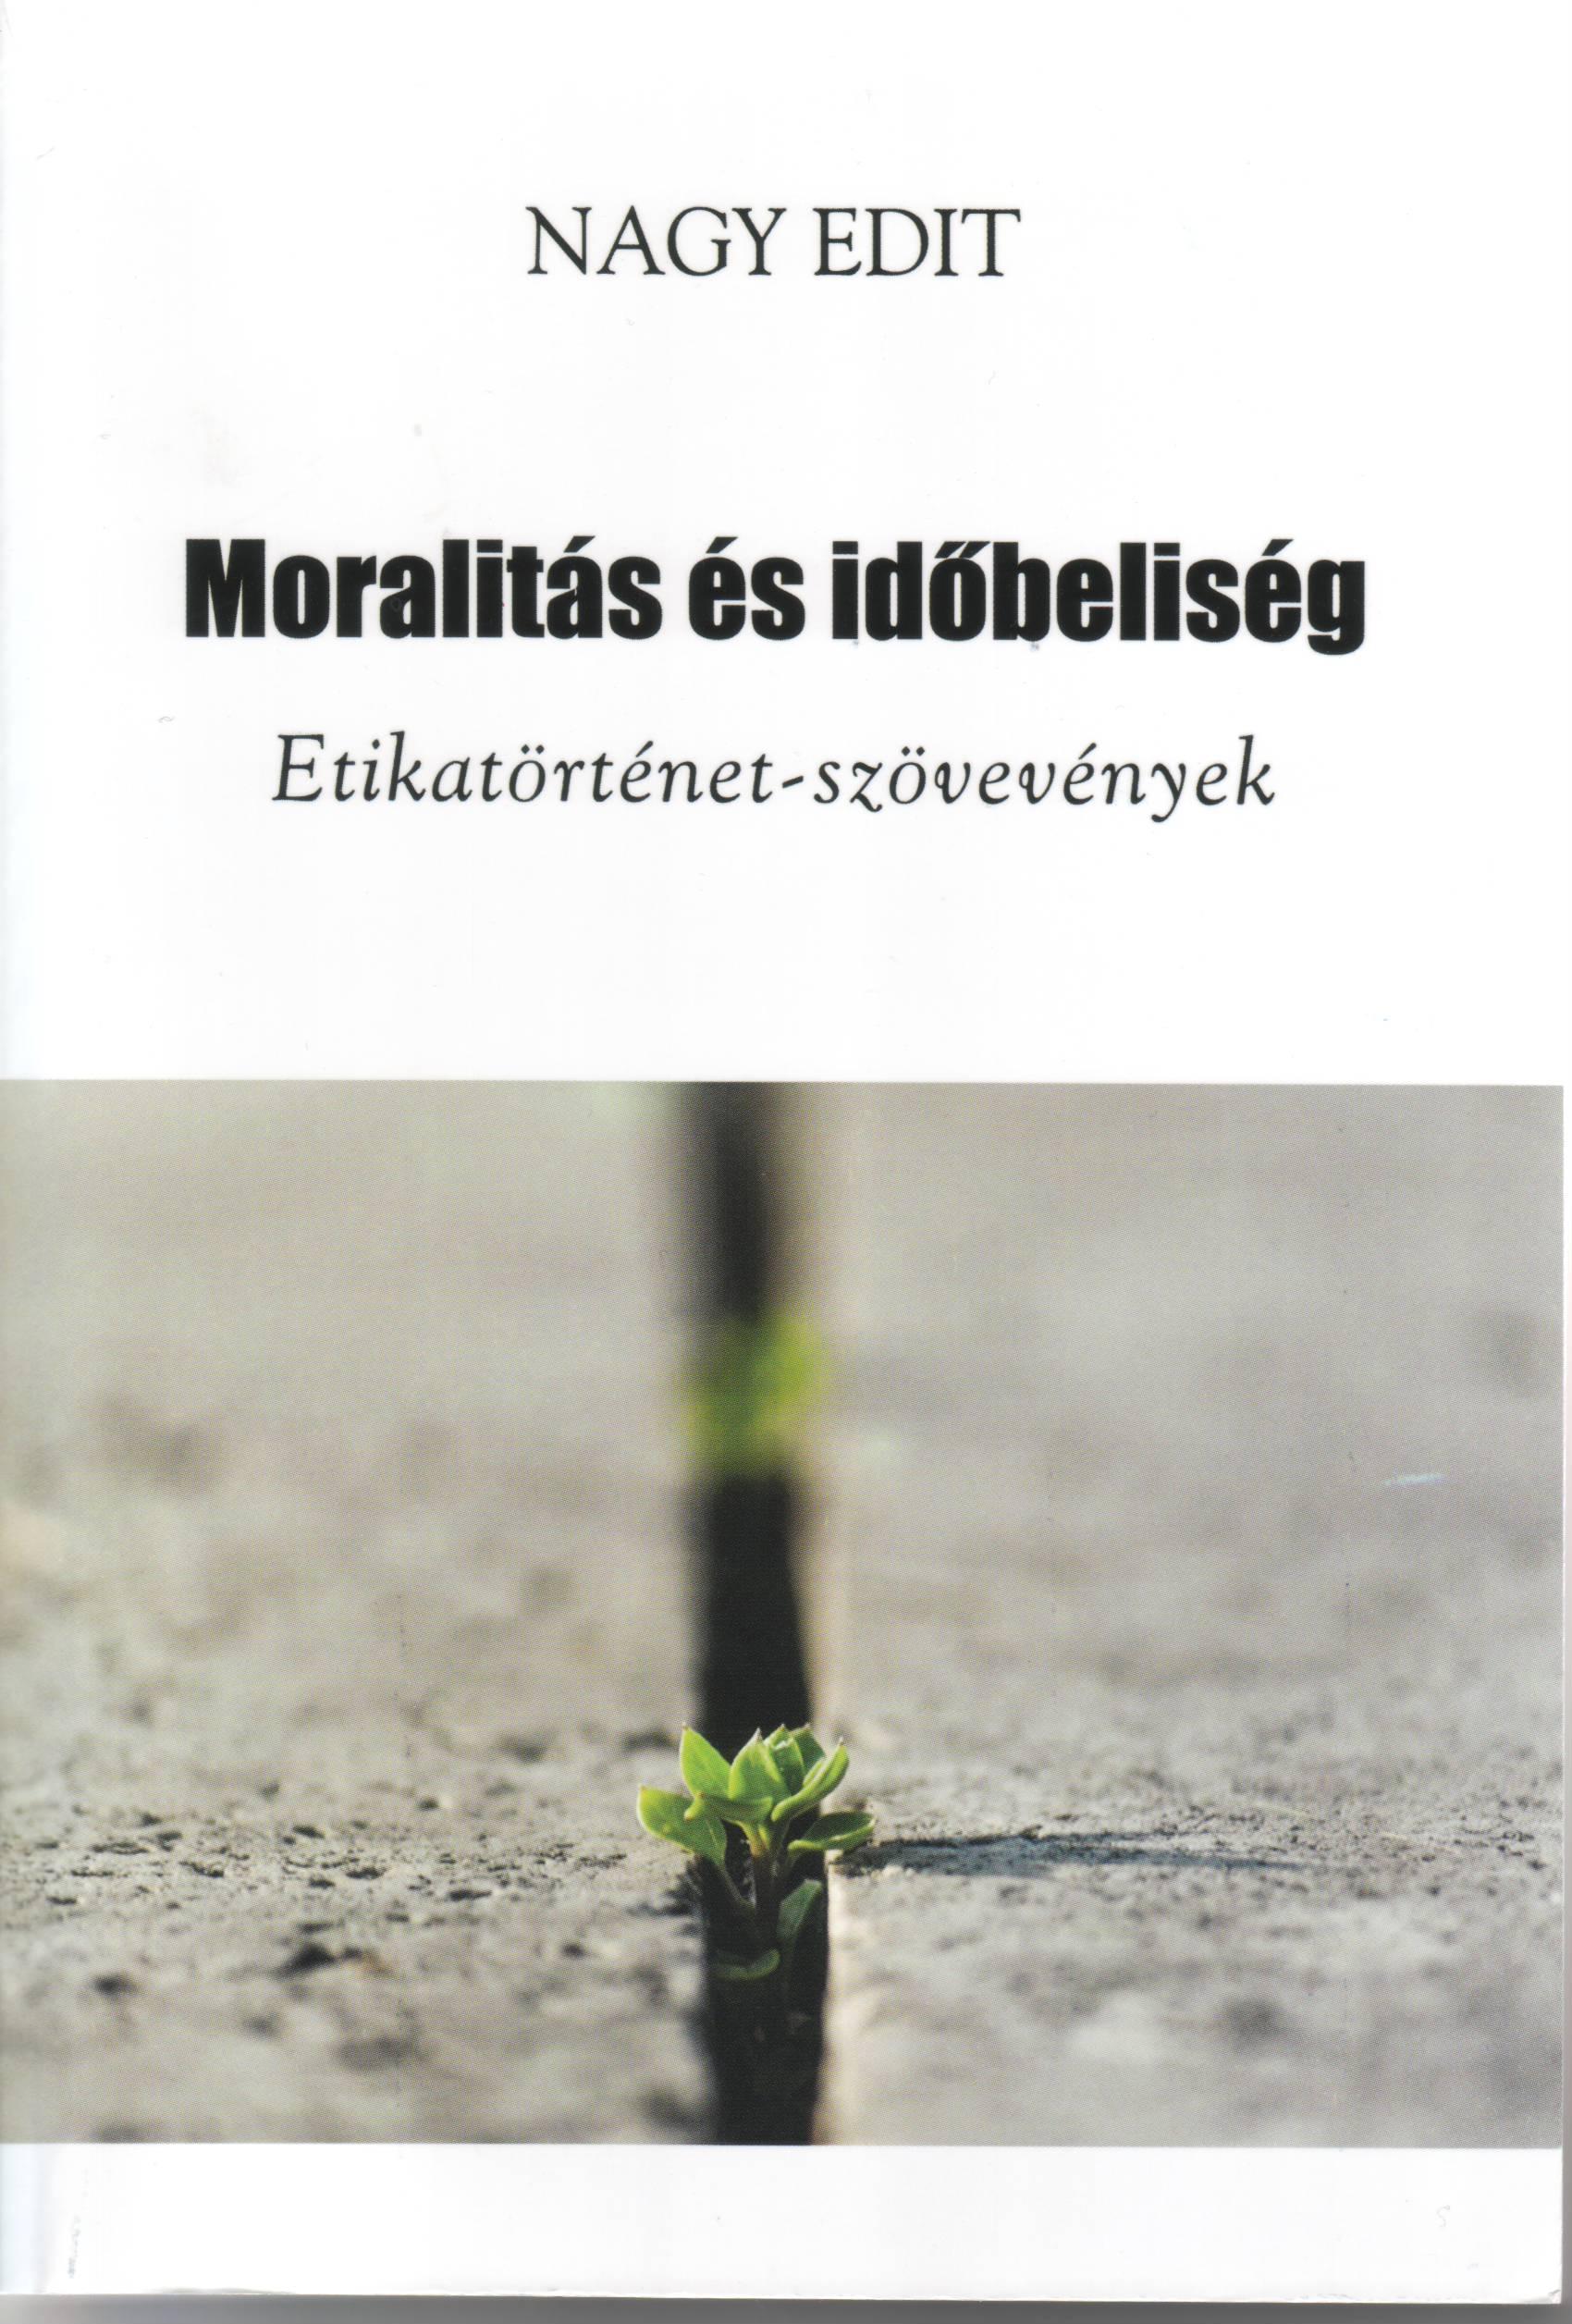 MORALITÁS ÉS IDŐBELISÉG - ETIKATÖRTÉNET-SZÖVEVÉNYEK